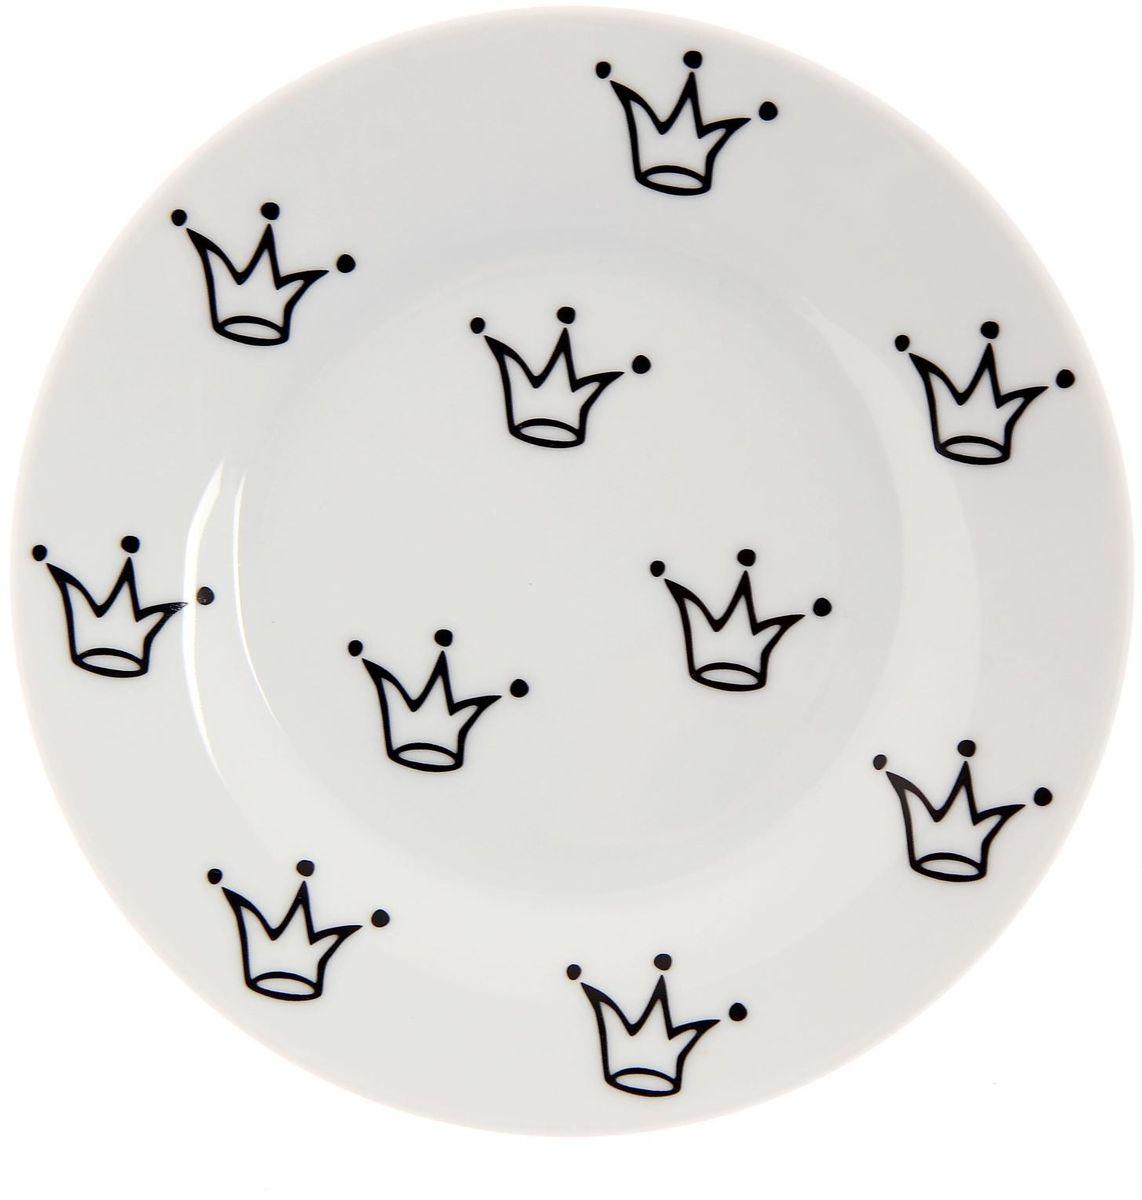 Тарелка мелкая Сотвори чудо My Little Crown, диаметр 15,5 см2277851Хотите обновить интерьер кухни или гостиной? Устраиваете необычную фотосессию или тематический праздник? А может, просто ищете подарок для близкого человека? Посуда Сотвори Чудо — правильный выбор в любой ситуации. Тарелка Сотвори Чудо, изготовленная из изящного фаянса нежного сливочного цвета, оформлена оригинальным рисунком со стойкой краской. Пригодна для посудомоечной машины.